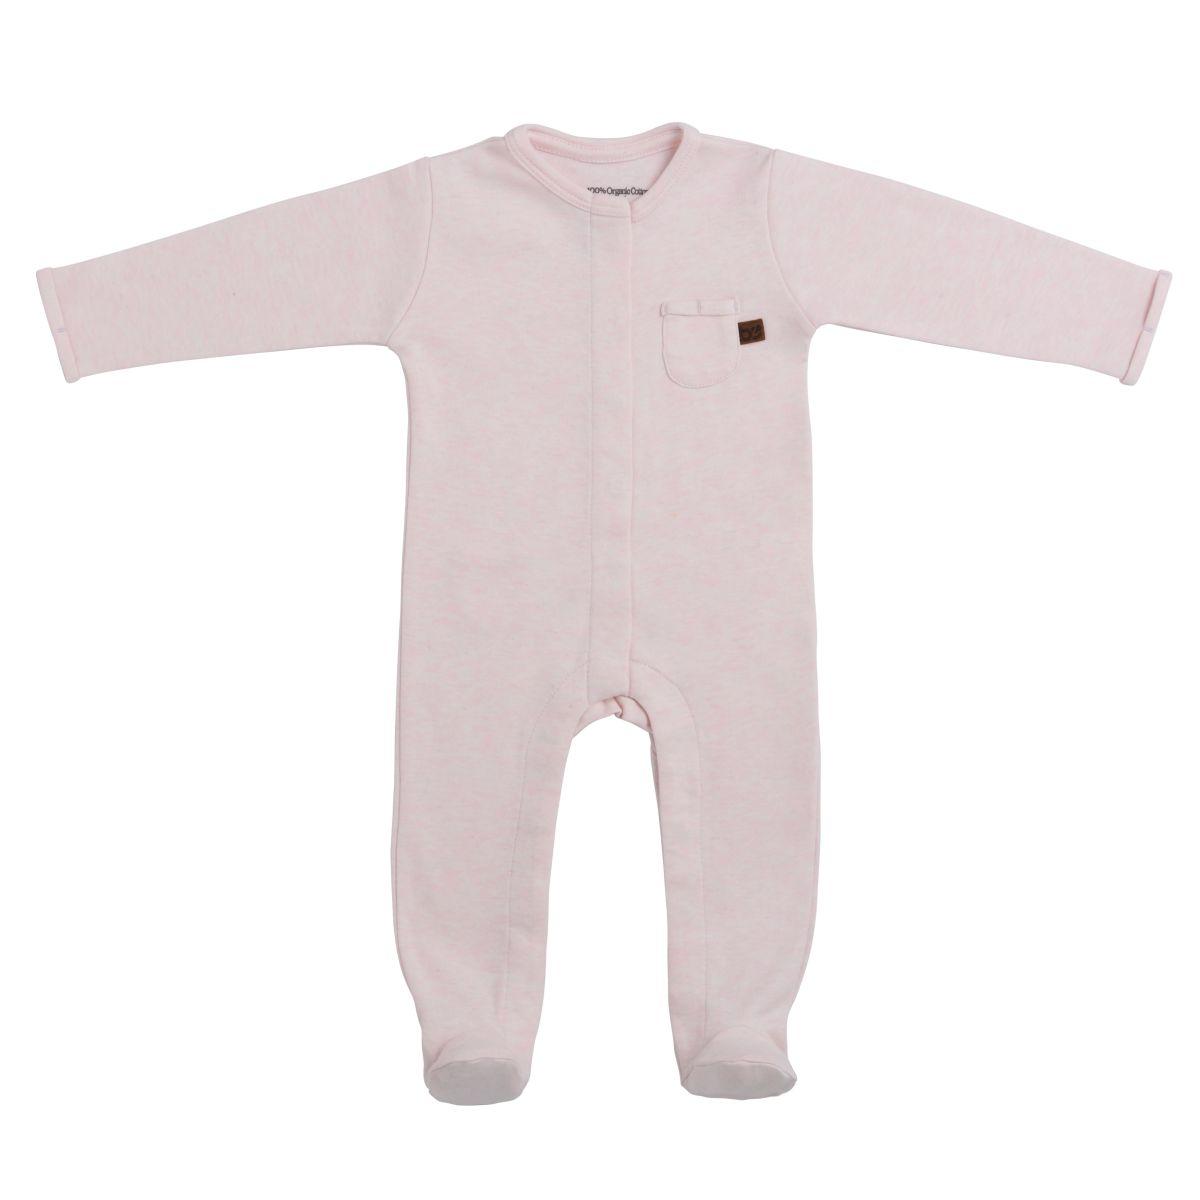 babys only 3545601 boxpakje met voetjes melange 5056 classic roze 1